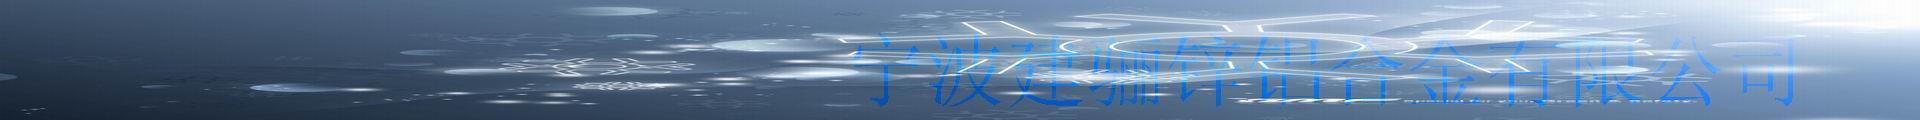 浙江嘉淵盛貿易有限公司